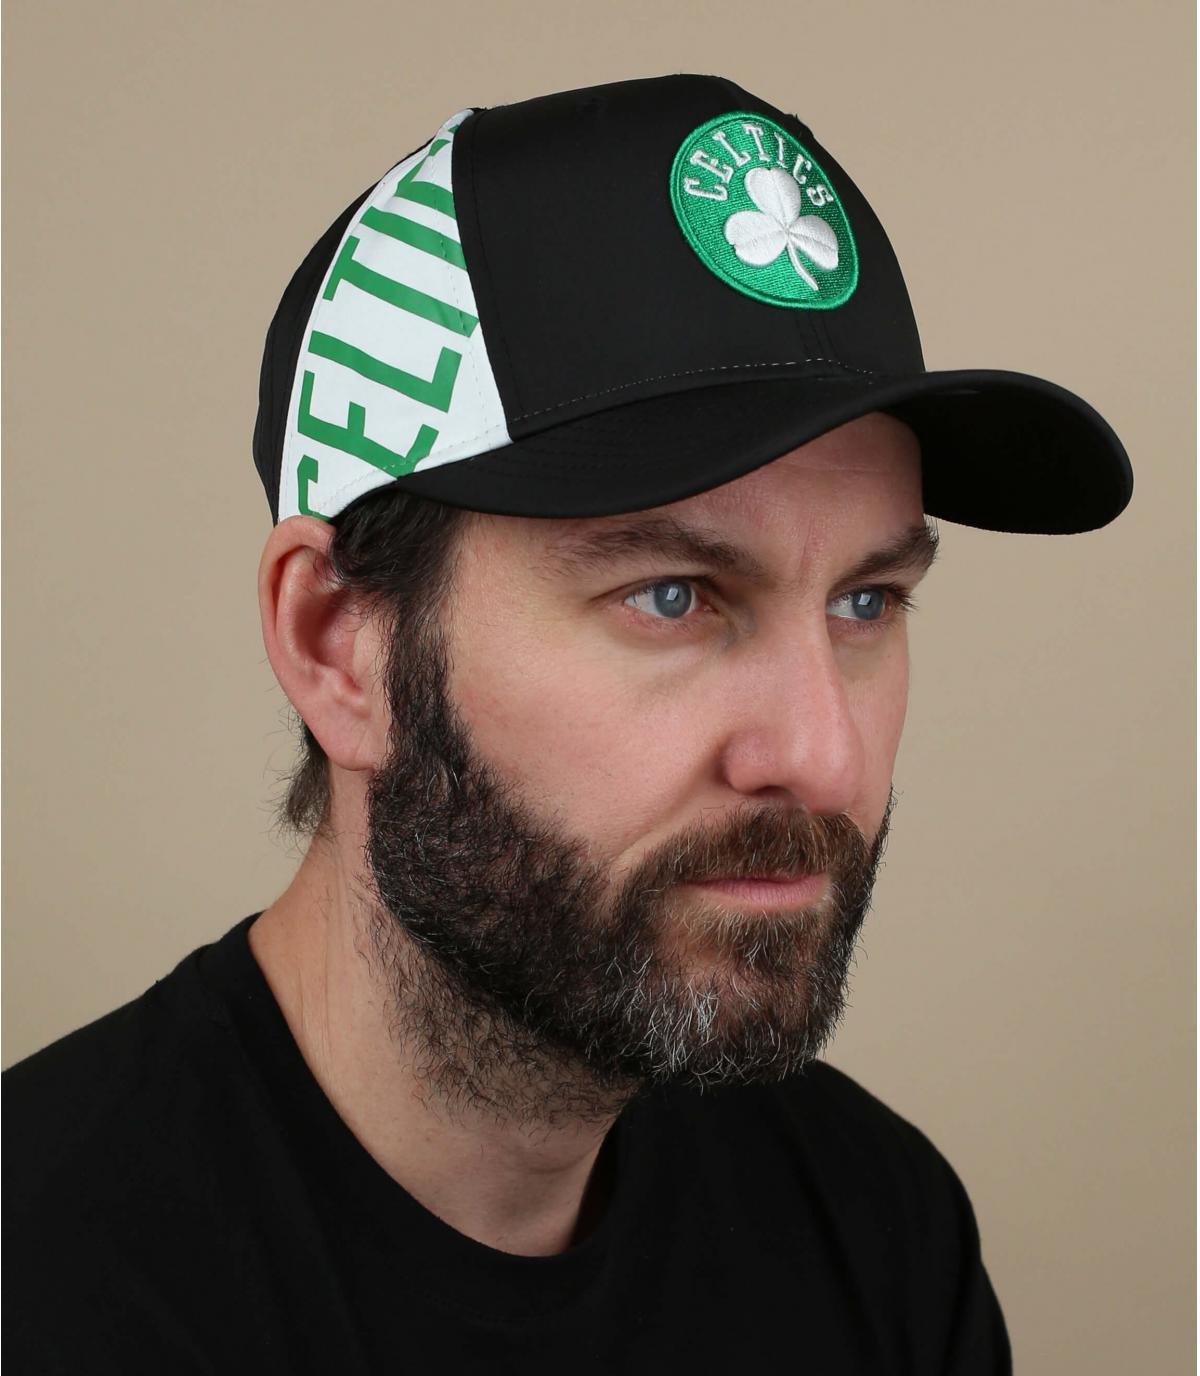 Celtics zwarte pet